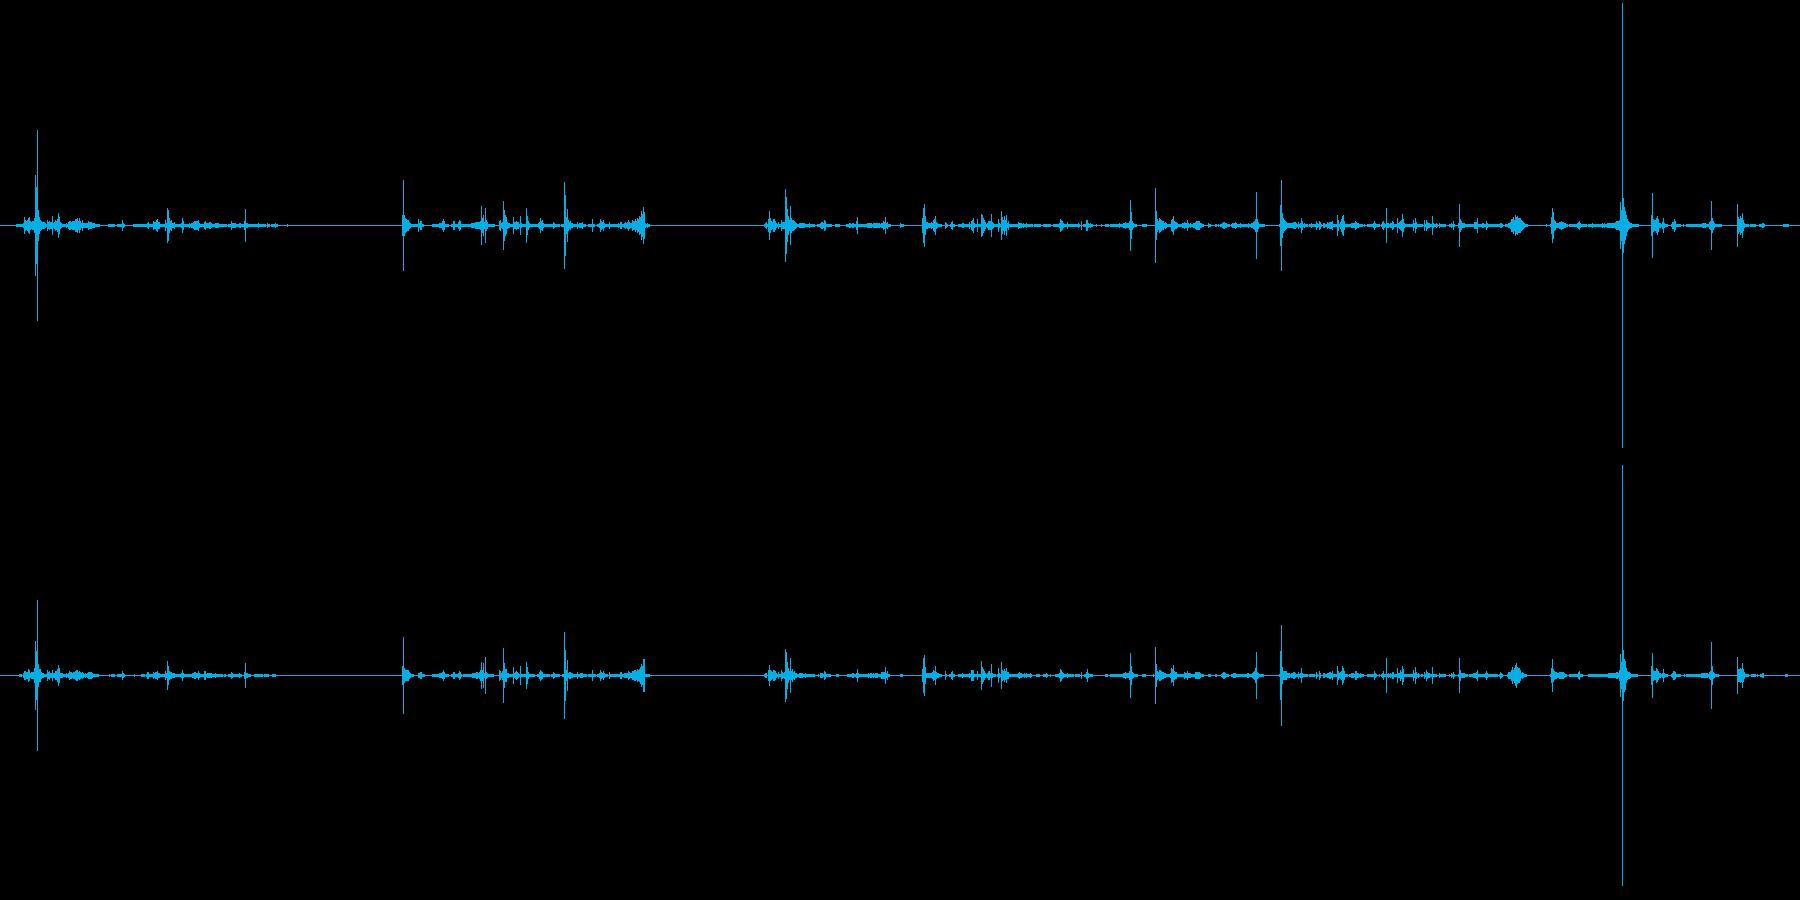 紙 トランプハンドル04の再生済みの波形